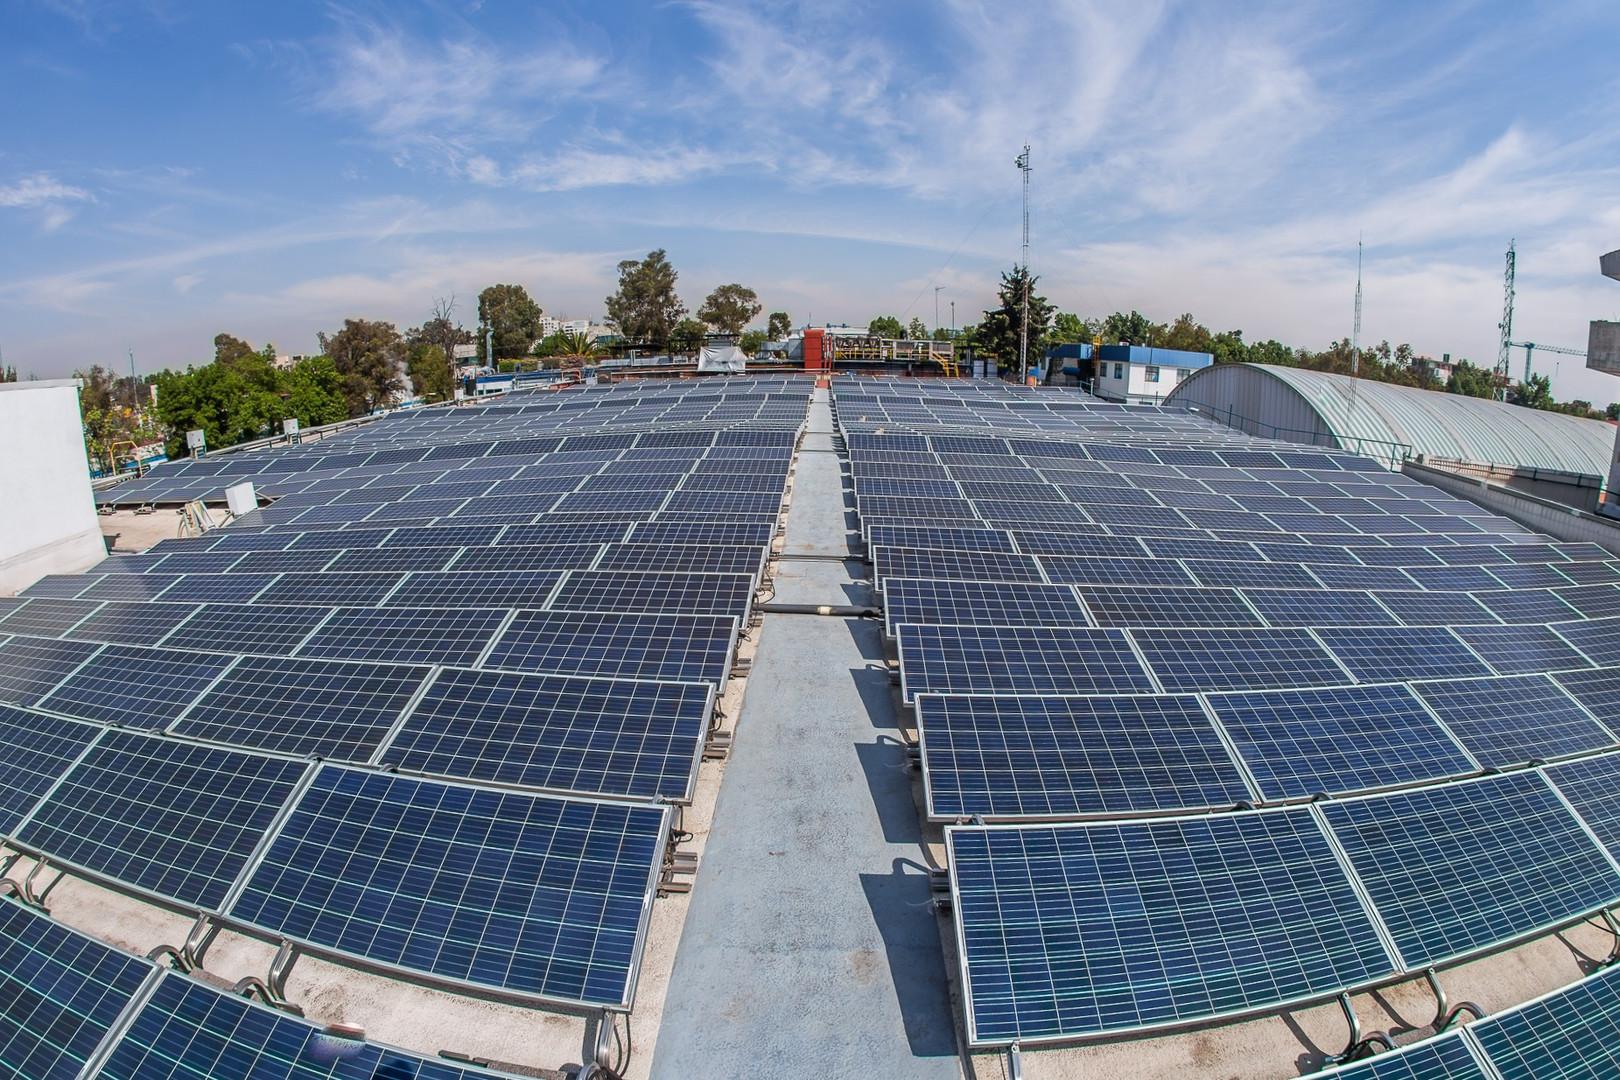 Reducción del uso de energía a través de energía solar